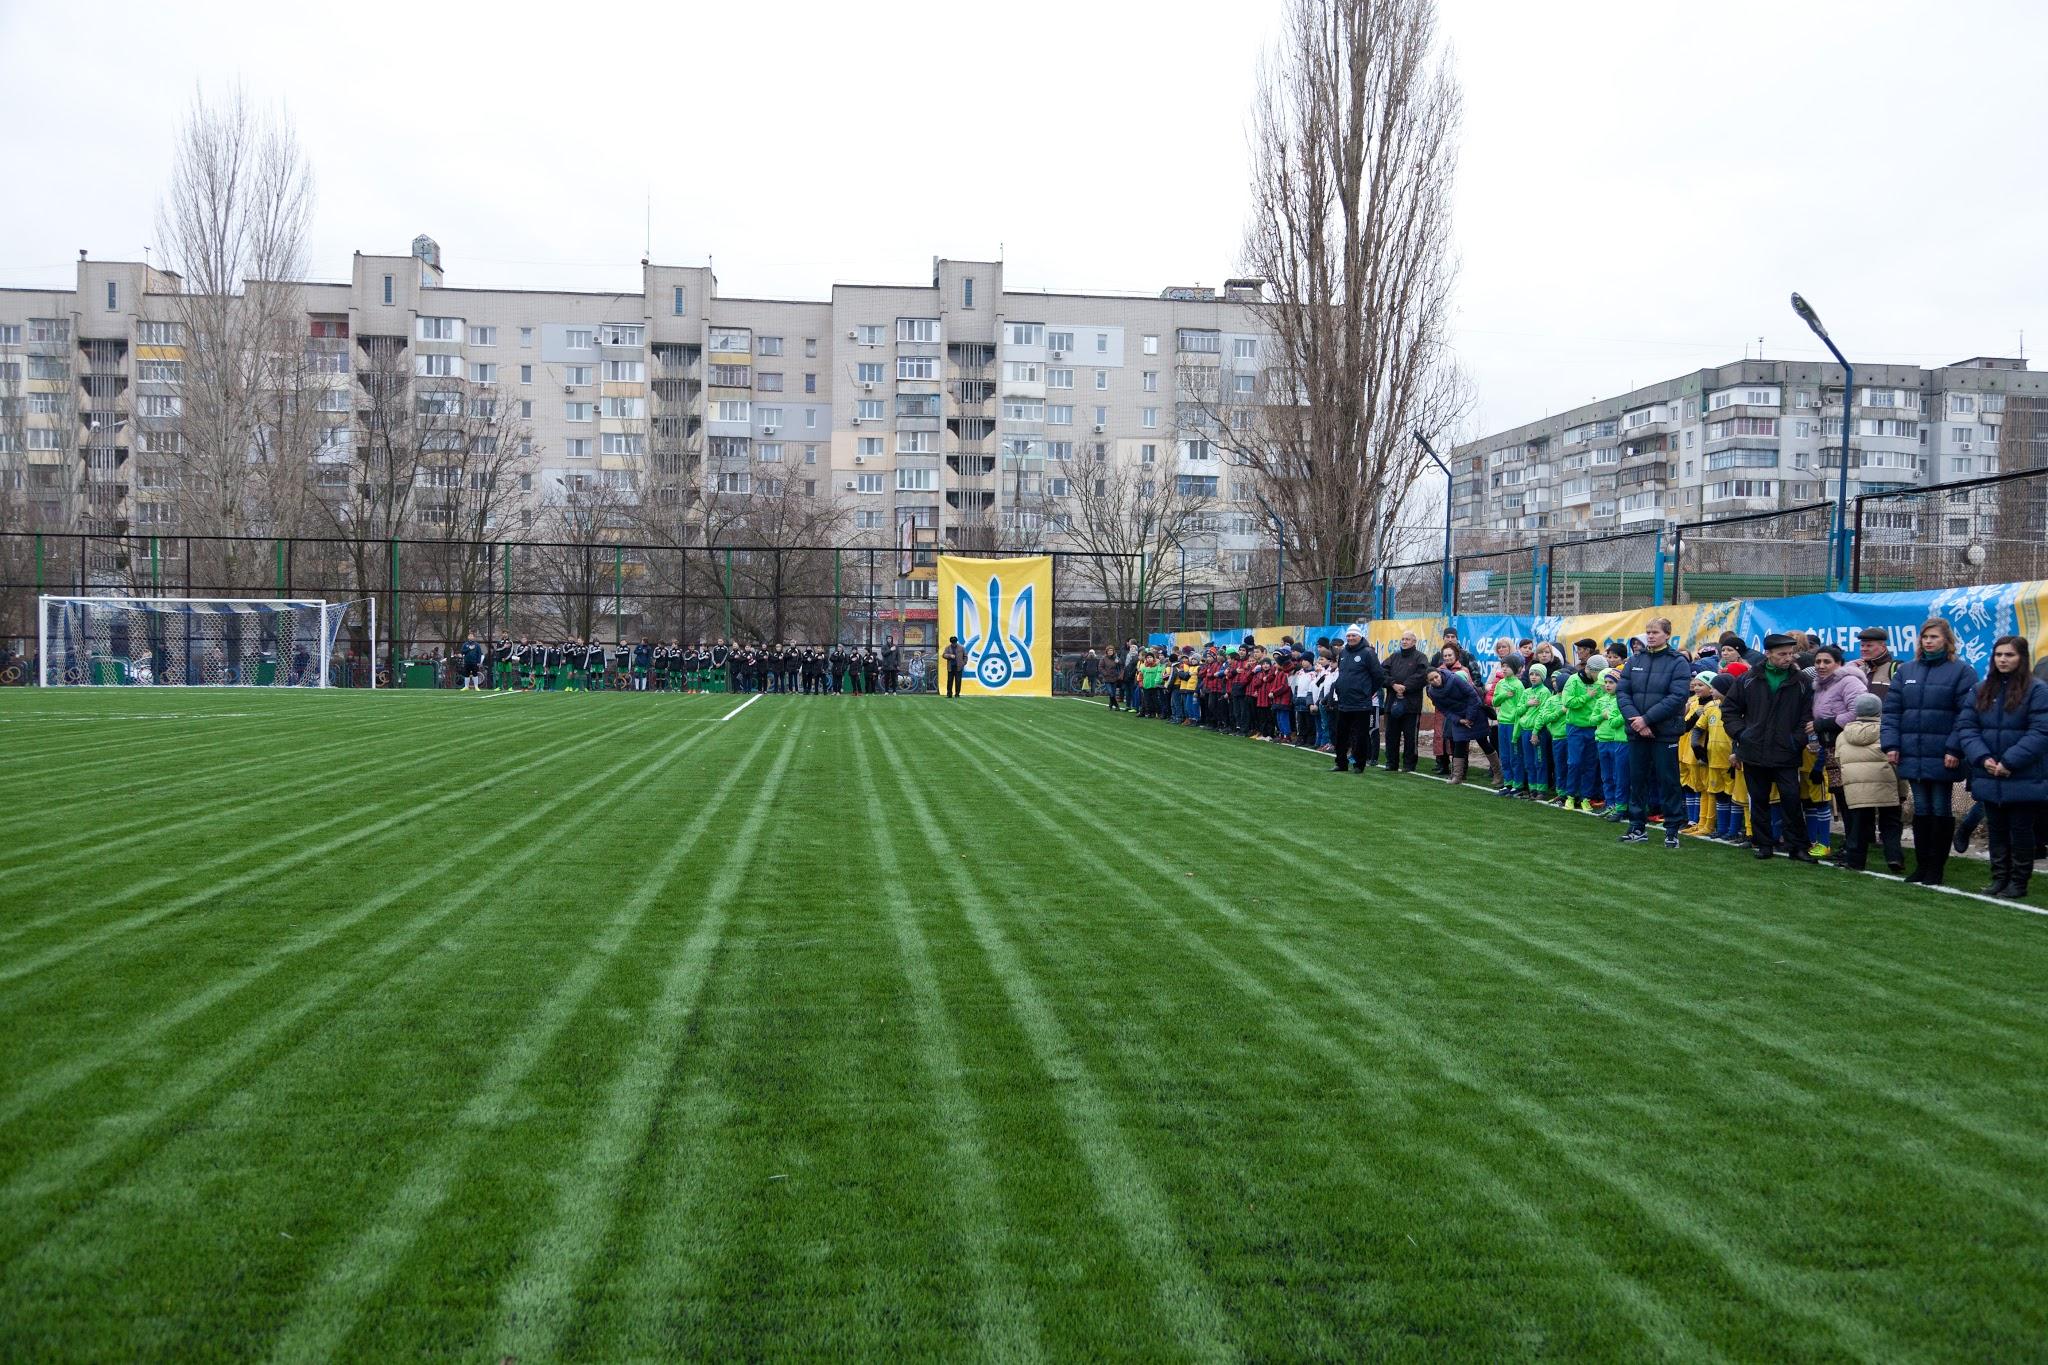 4-5 березня, на нещодавно збудованому полі зі штучним покриттям міської КДЮСШ в Херсоні, відбудеться відкритий турнір з футболу пам'яті Є.Г.Кузовенкова серед команд юнаків 2004-2005 р.н.